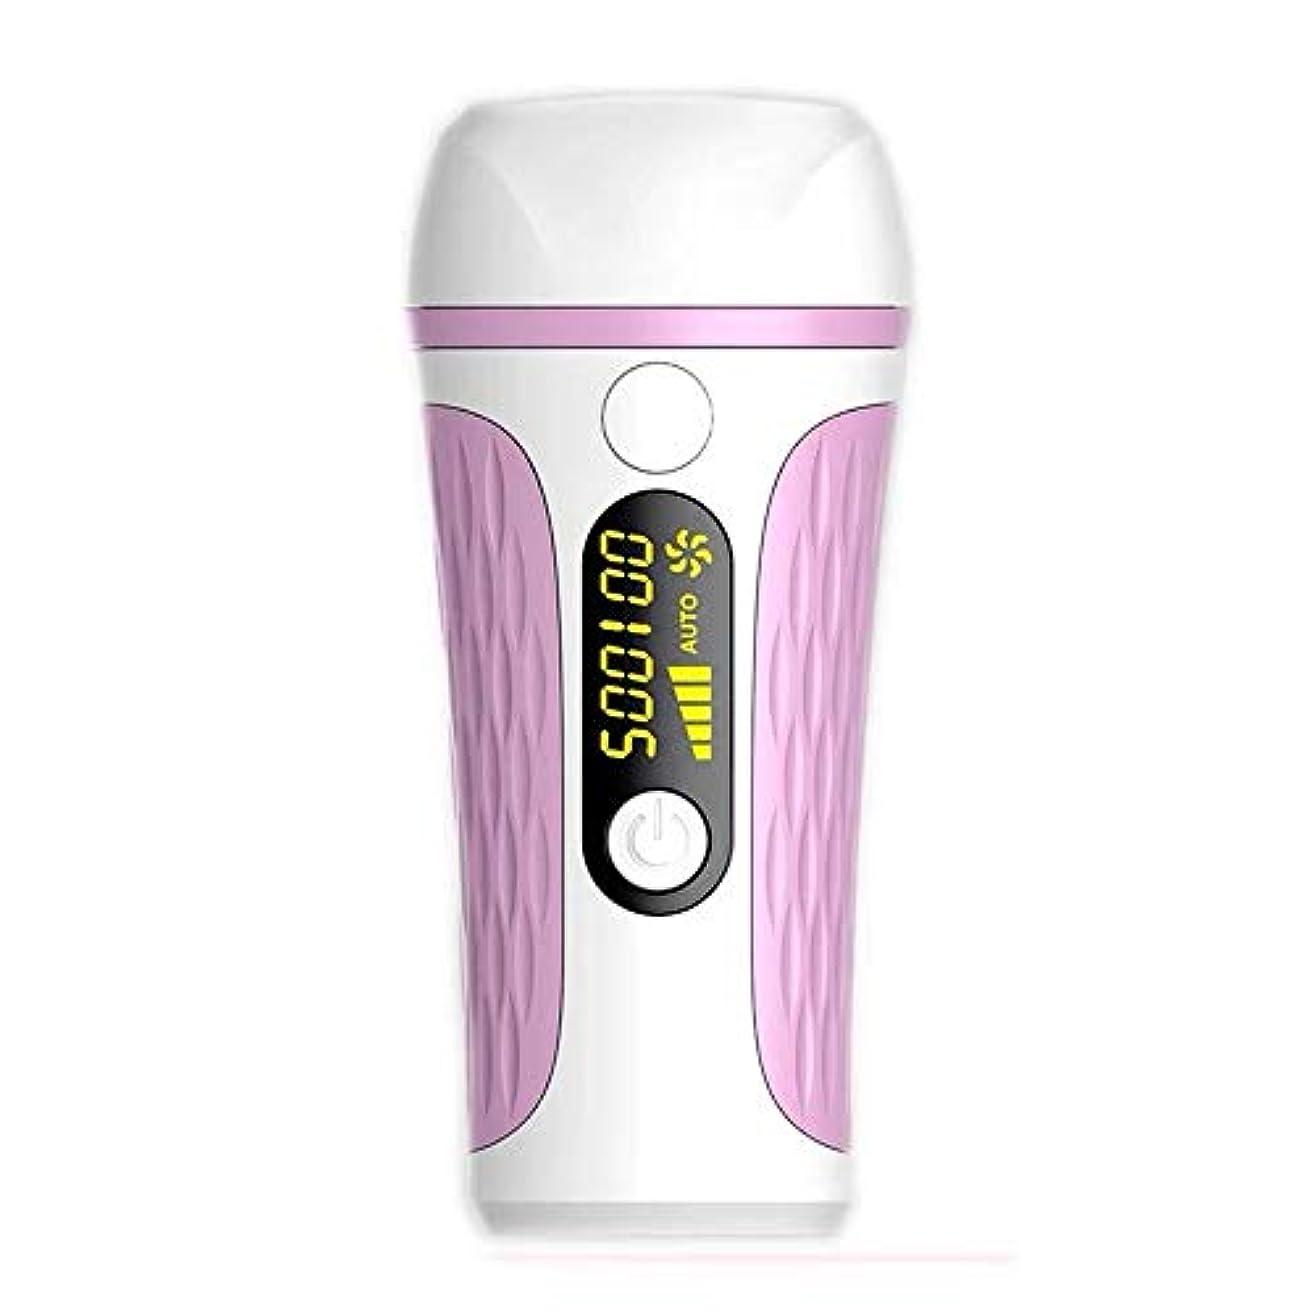 食器棚ボウル電気技師携帯用コールドポイント痛みのない毛の除去剤、自動、手動、2つのモード、LCDディスプレイ、5スピード調整、サイズ14.5 X 6.7 X 19 Cm 安全性